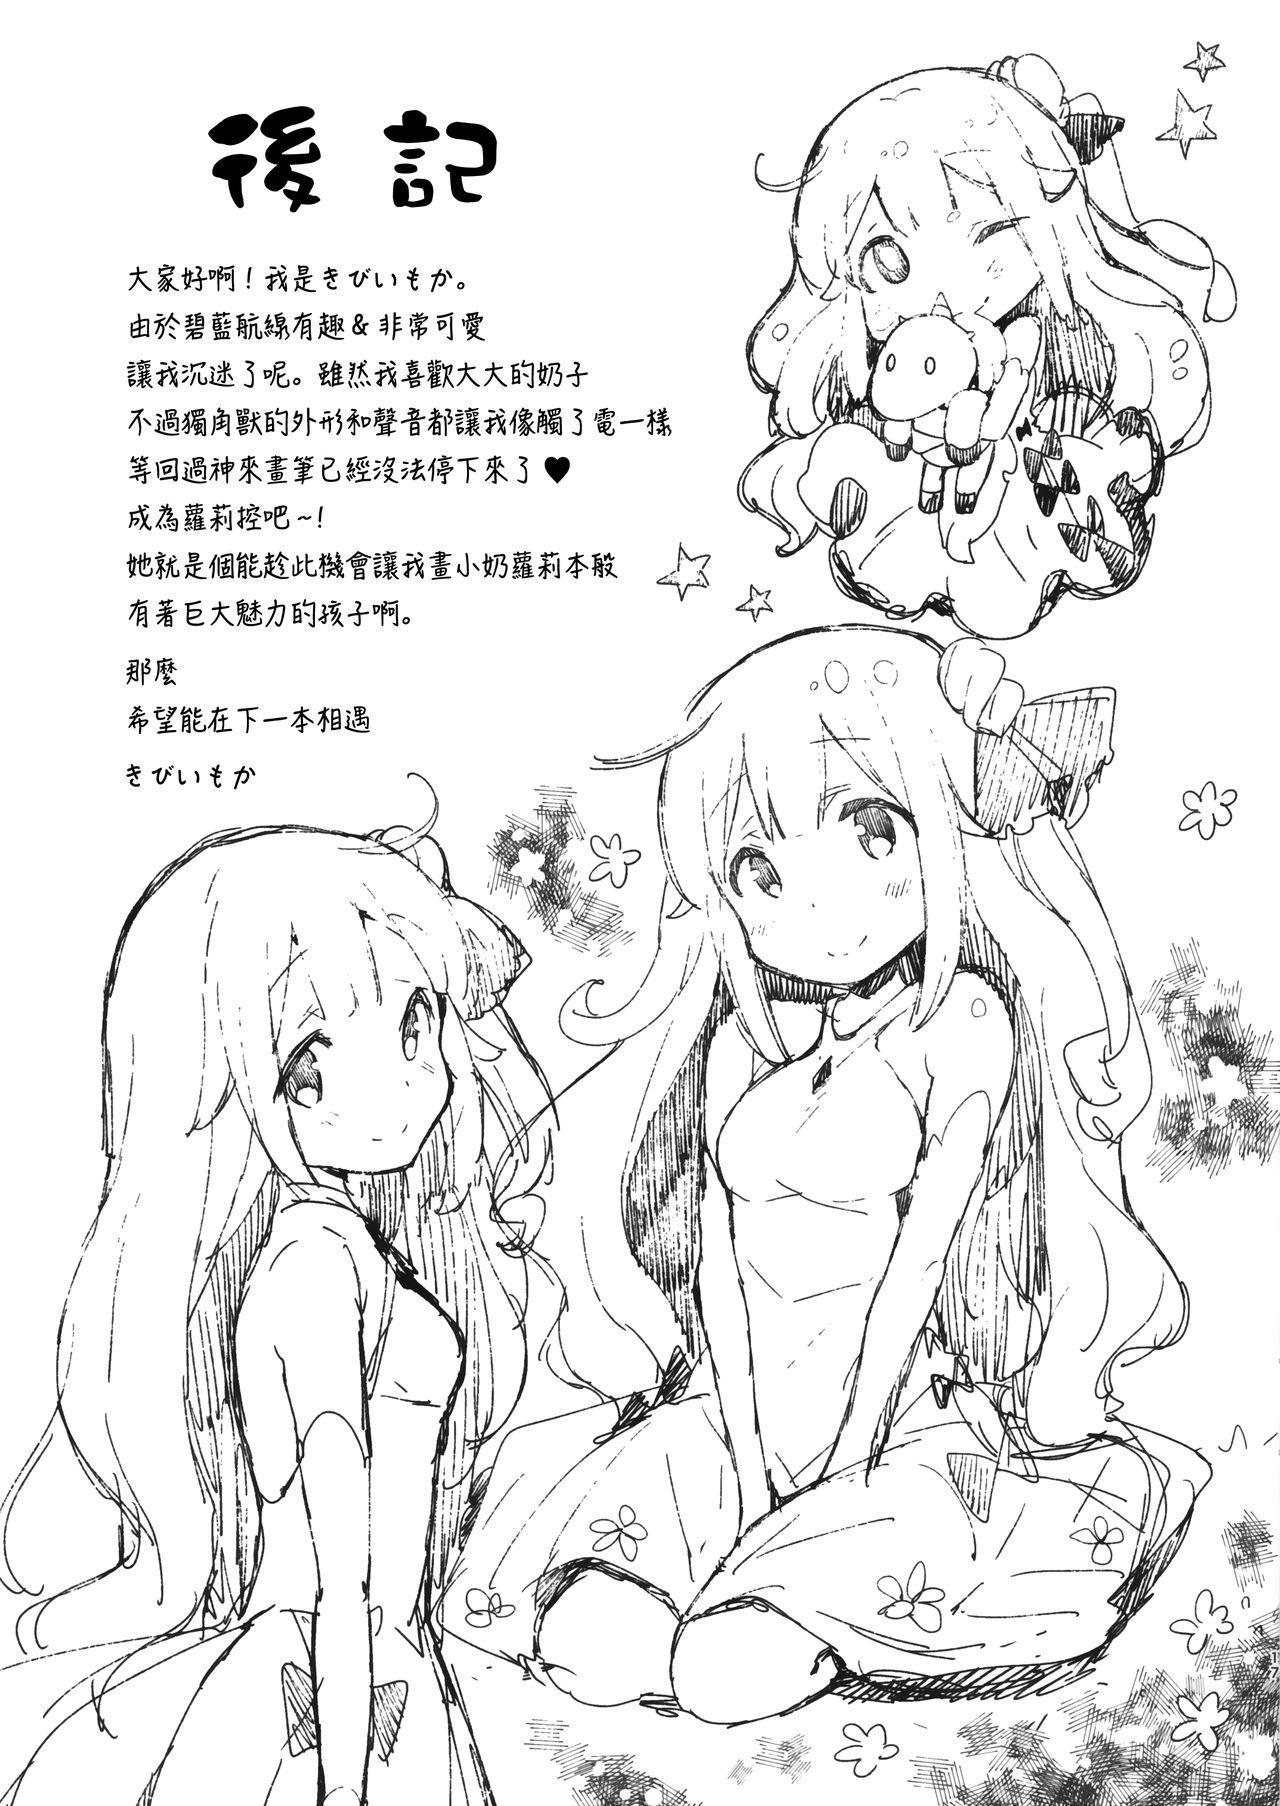 Honto wa Motto Wagamama Shitai no 16